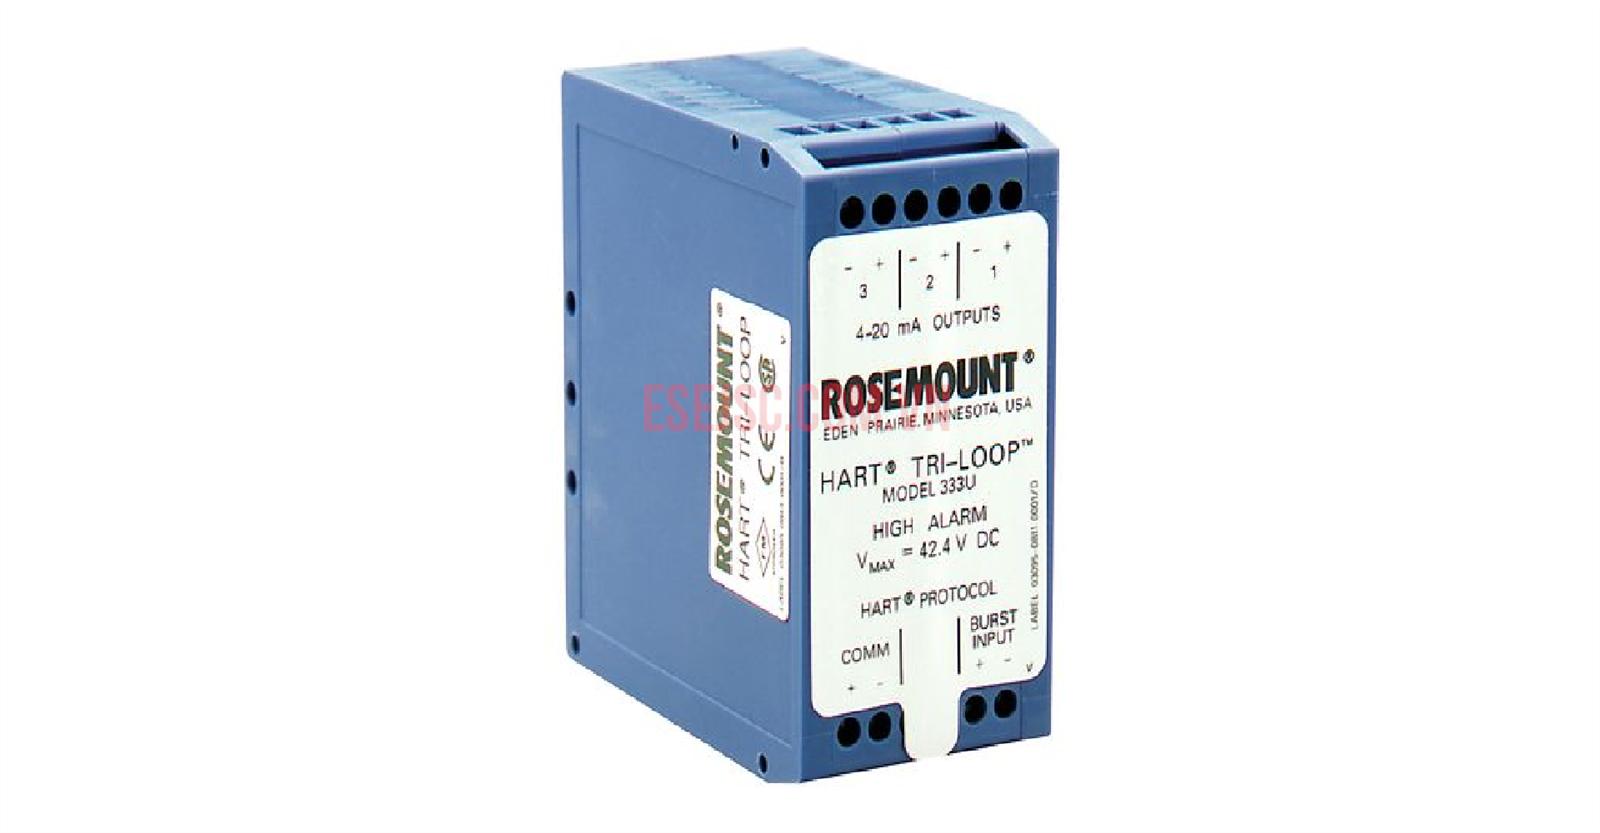 Bộ chuyển đổi tín hiệu Tri-Loop Rosemount 333 HART